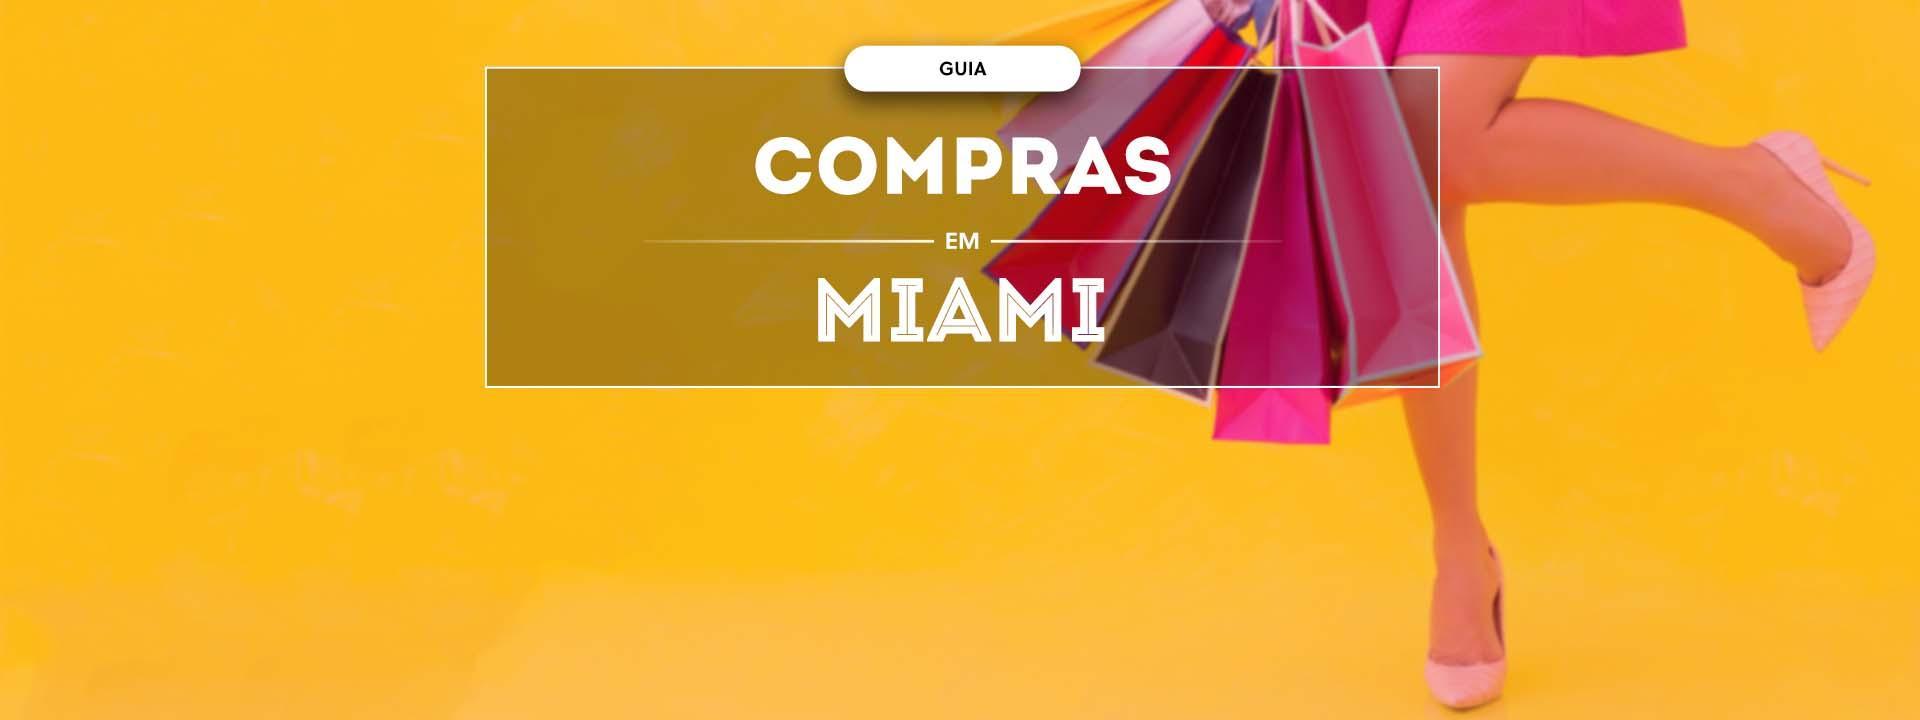 0e9a9710e Página Inicial › Dicas para Miami › Compras em Miami 2019 – Guia